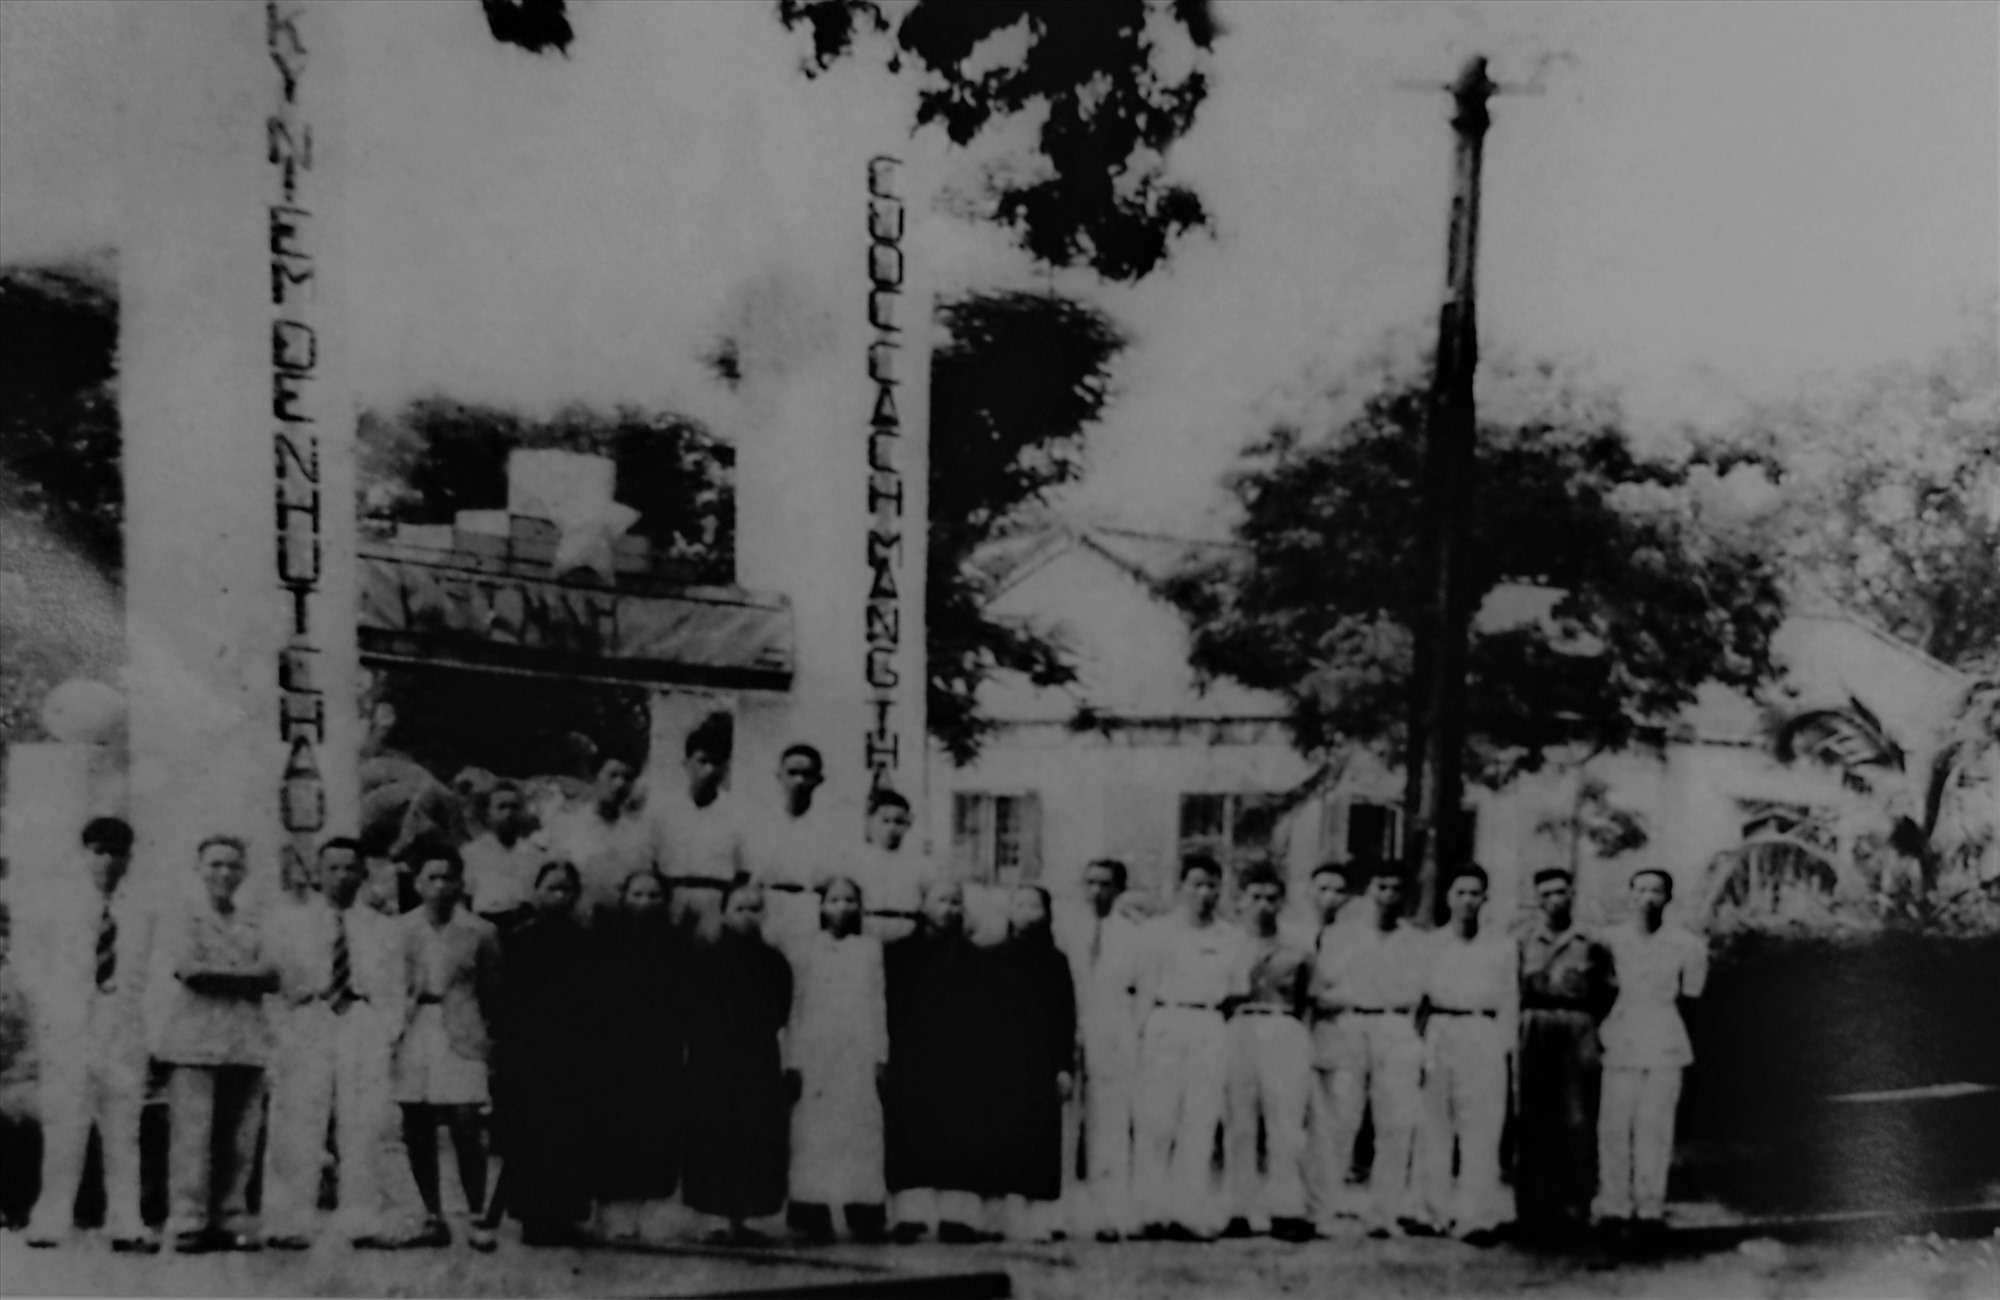 Cơ quan Mặt trận Việt Minh Cửu Long (Hội An) nay là số 2 đường Nguyễn Huệ TP Hội An (Ảnh tư liệu)